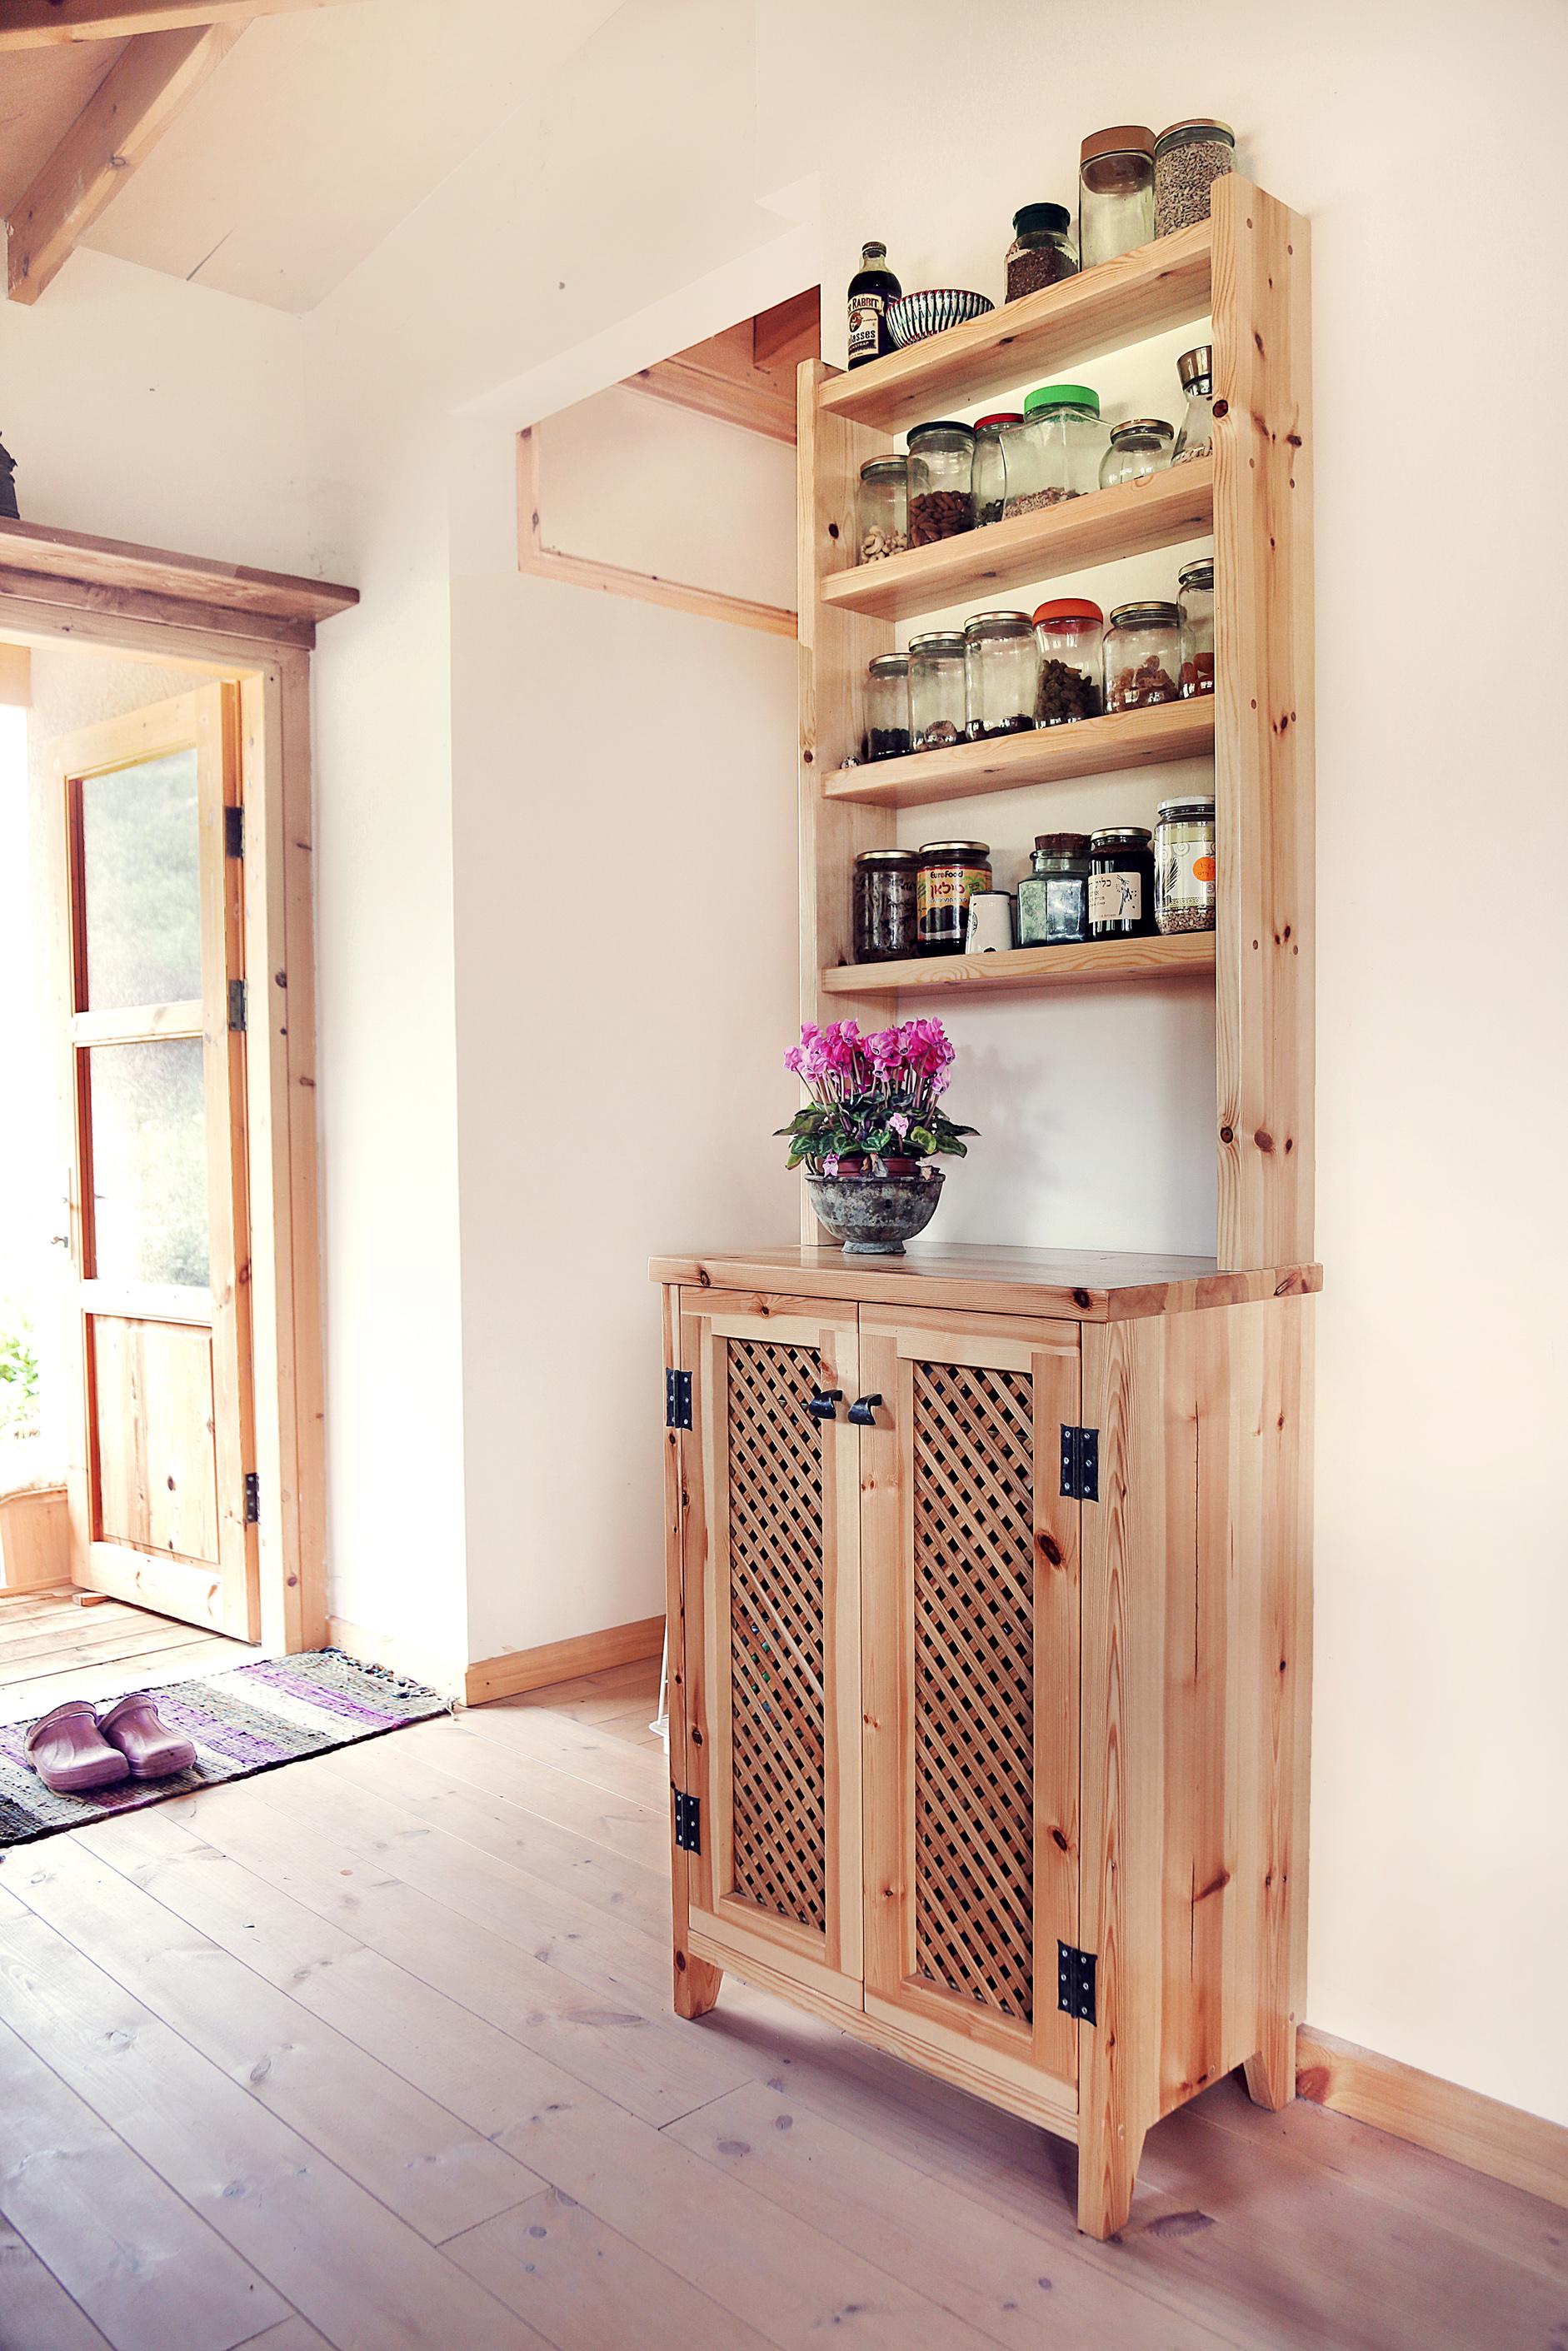 רהיט של מדפים ואחסון למטבח